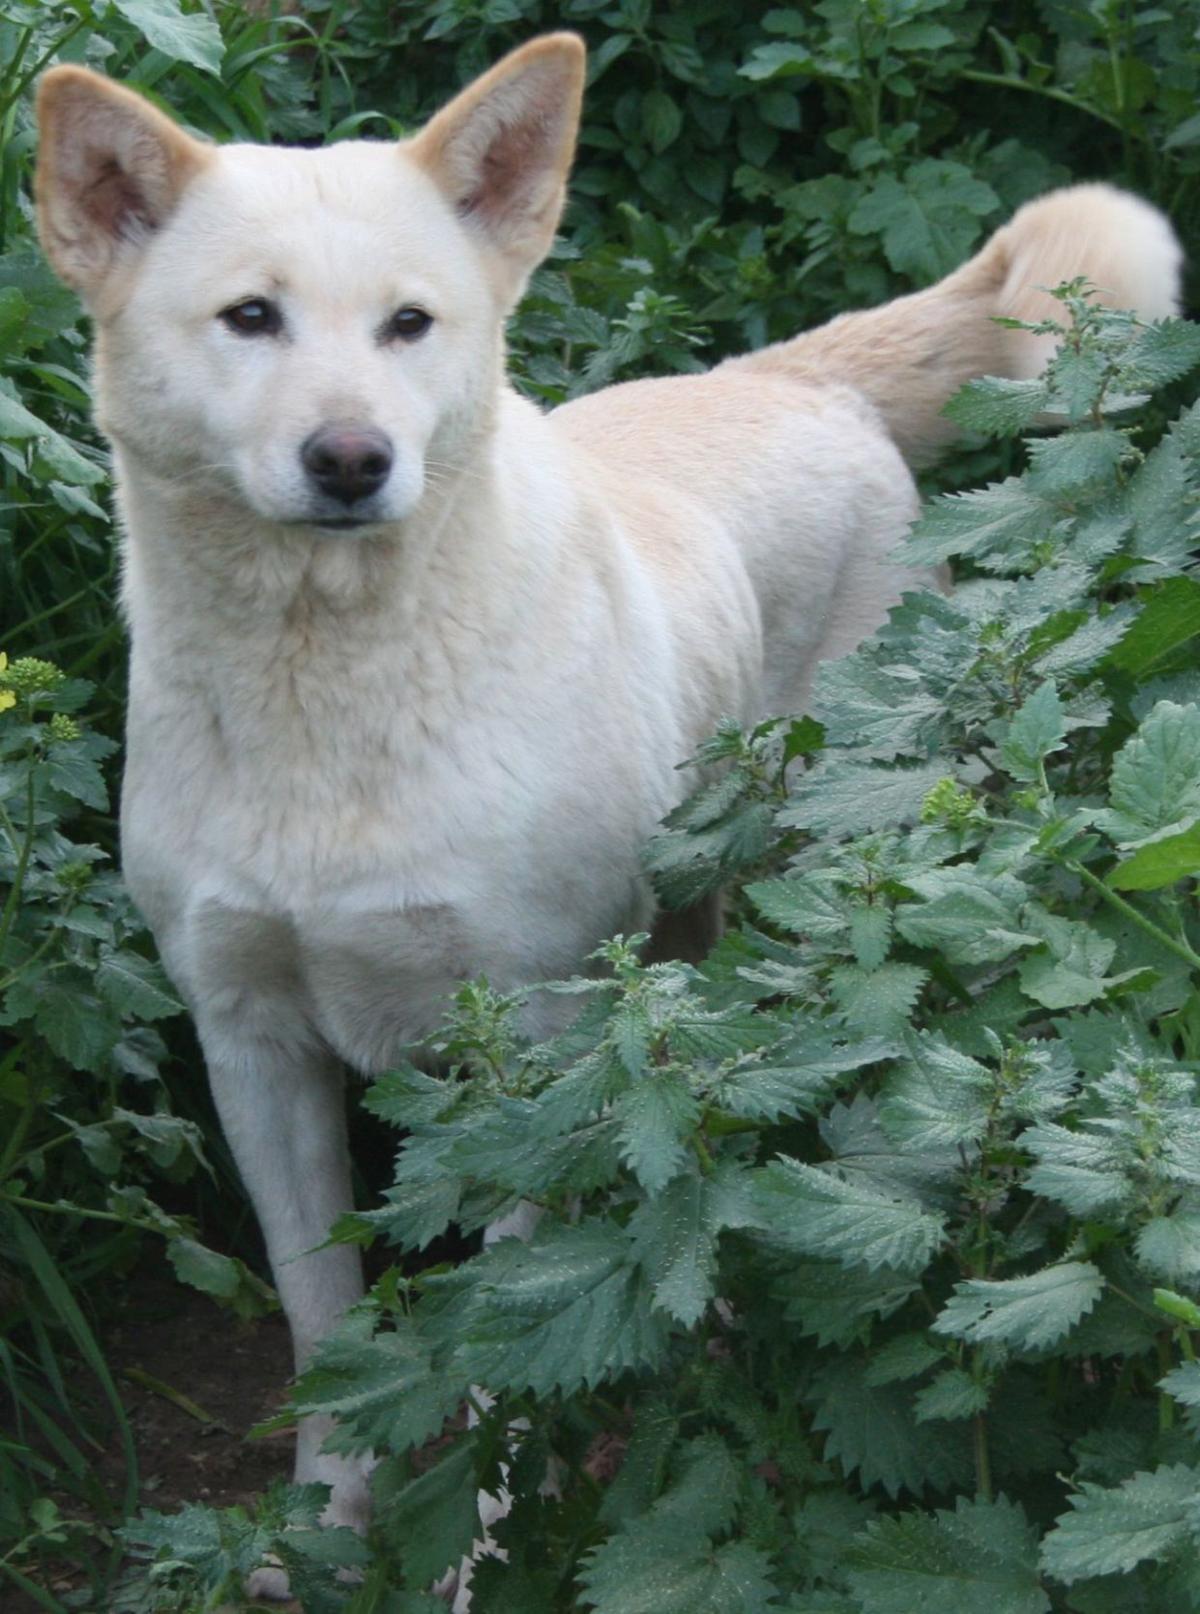 Deciding fate of 'biblical dog'